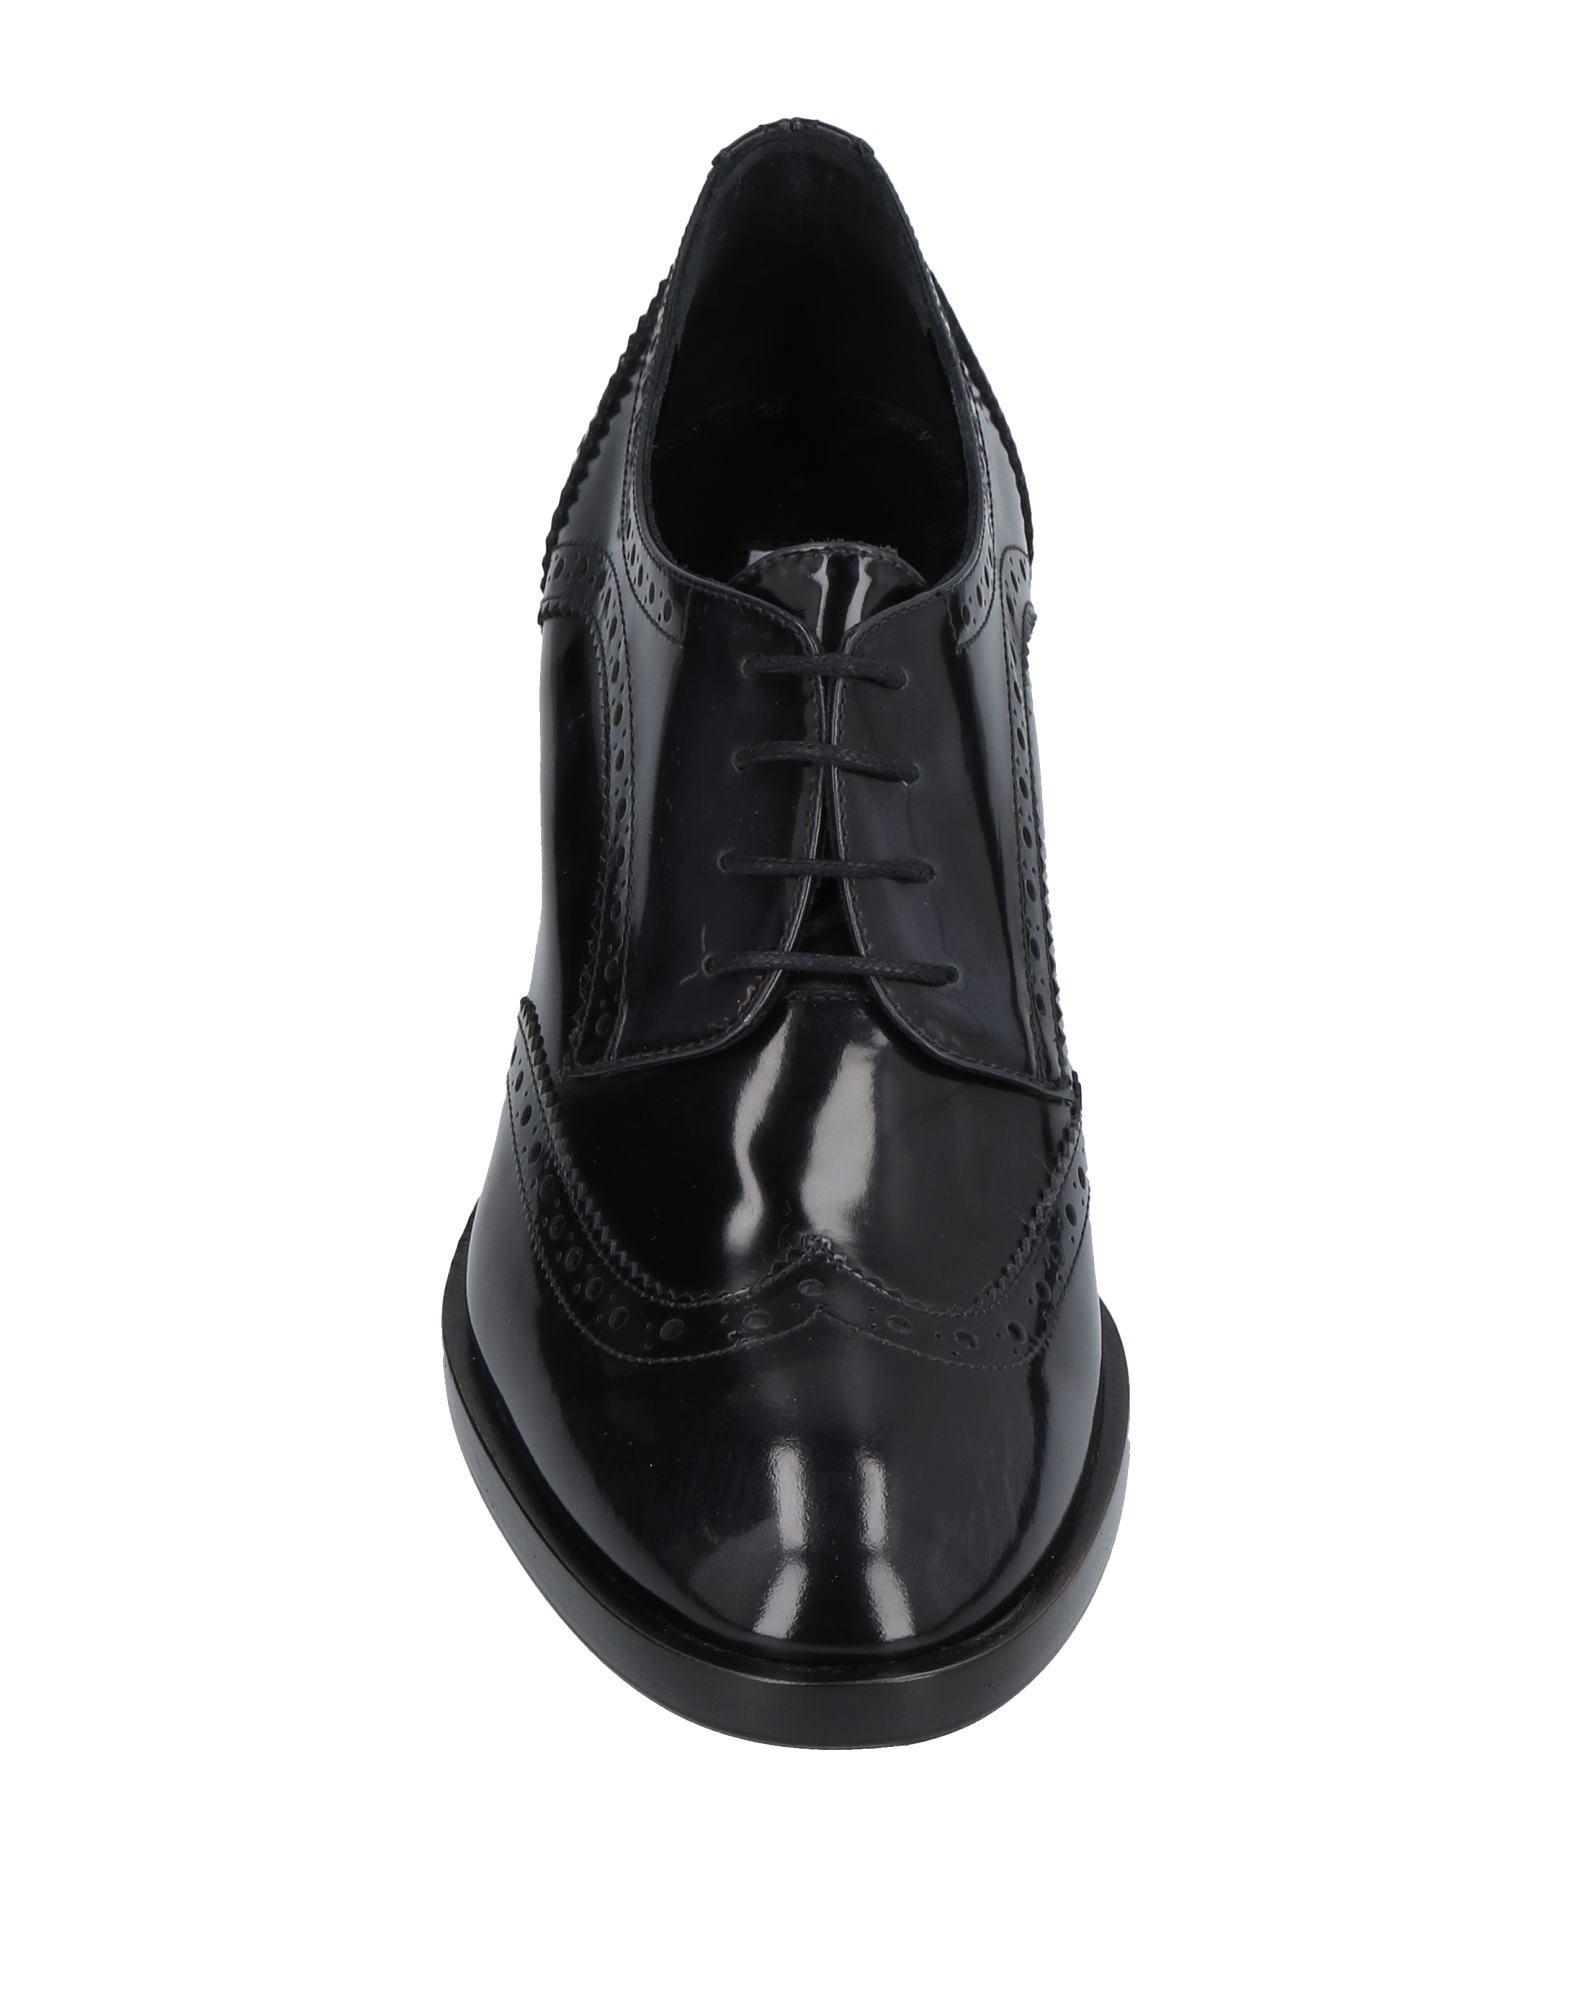 Rabatt Schuhe Schnürschuhe Fratelli Rossetti Schnürschuhe Schuhe Damen  11458916ED c5064f